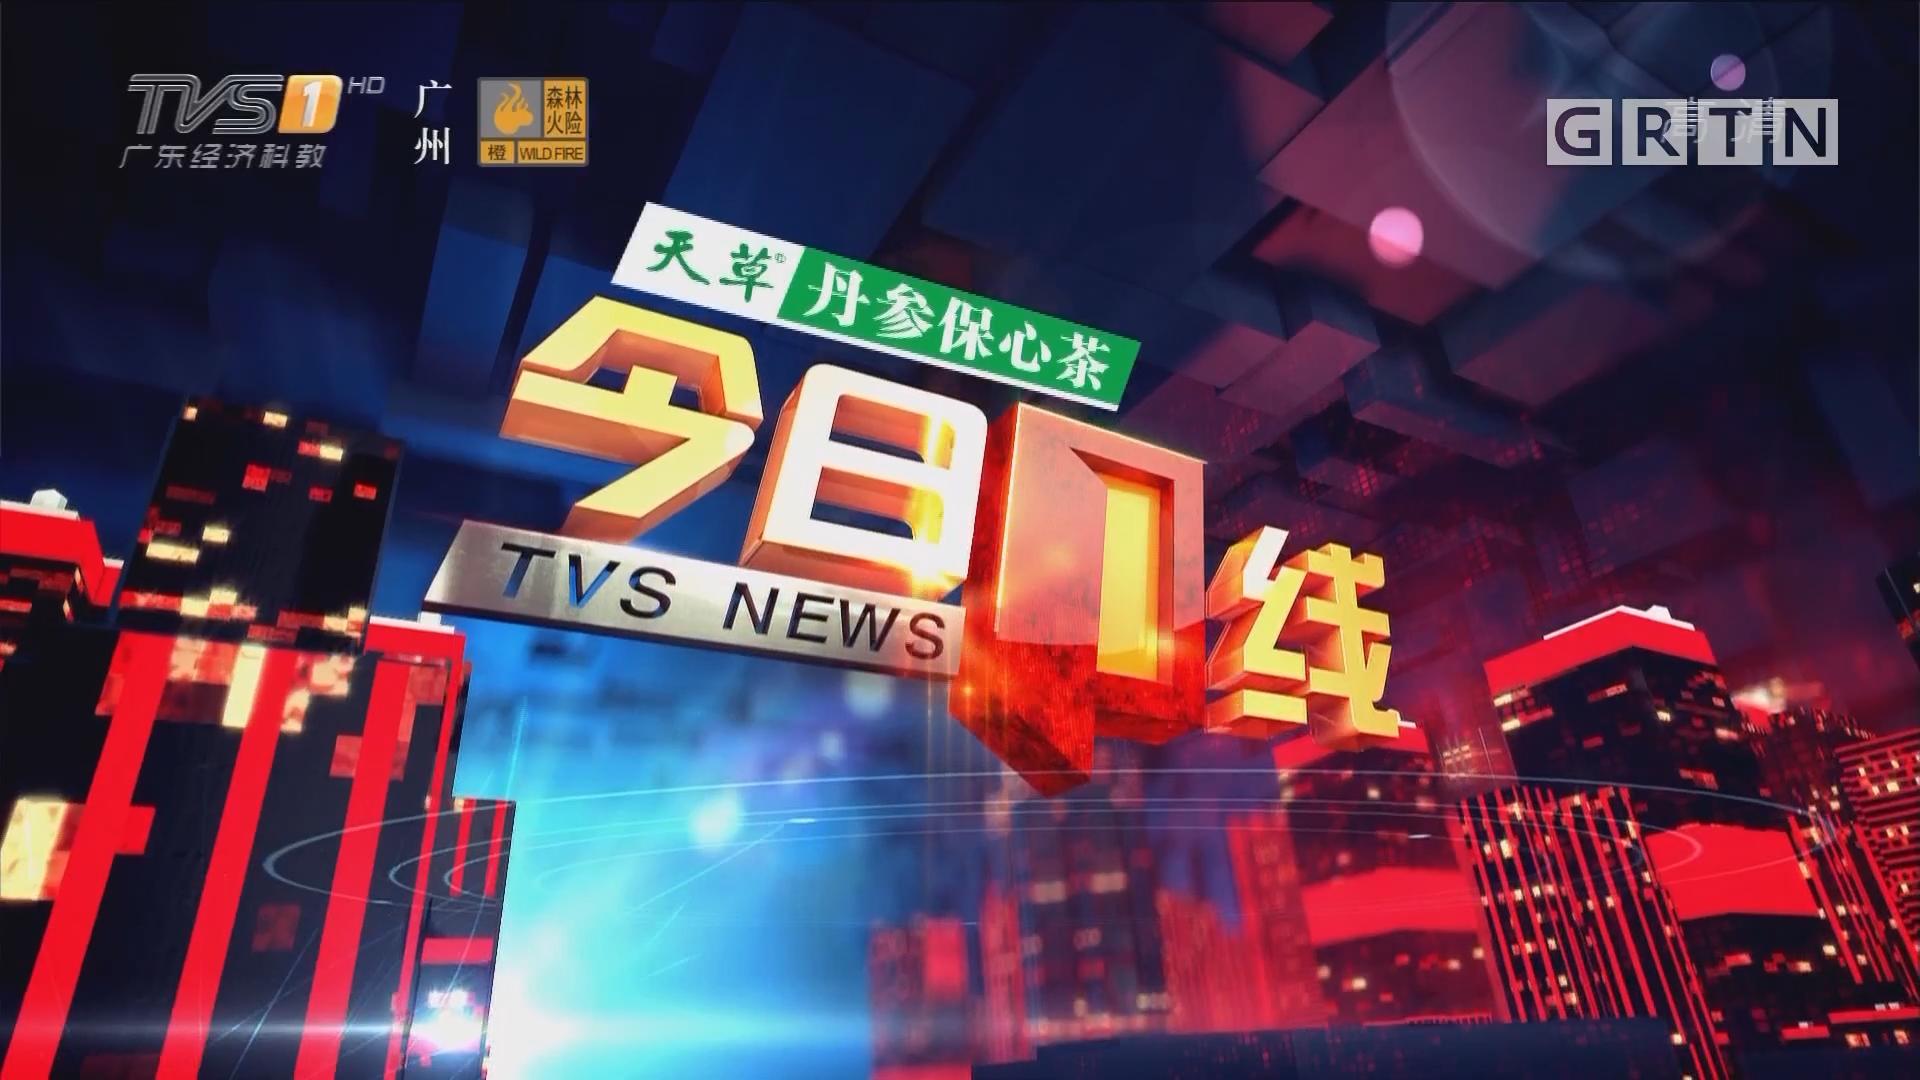 [HD][2019-02-14]今日一线:出租车载客乱象:广州 多部门联合执法 站场内秩序良好